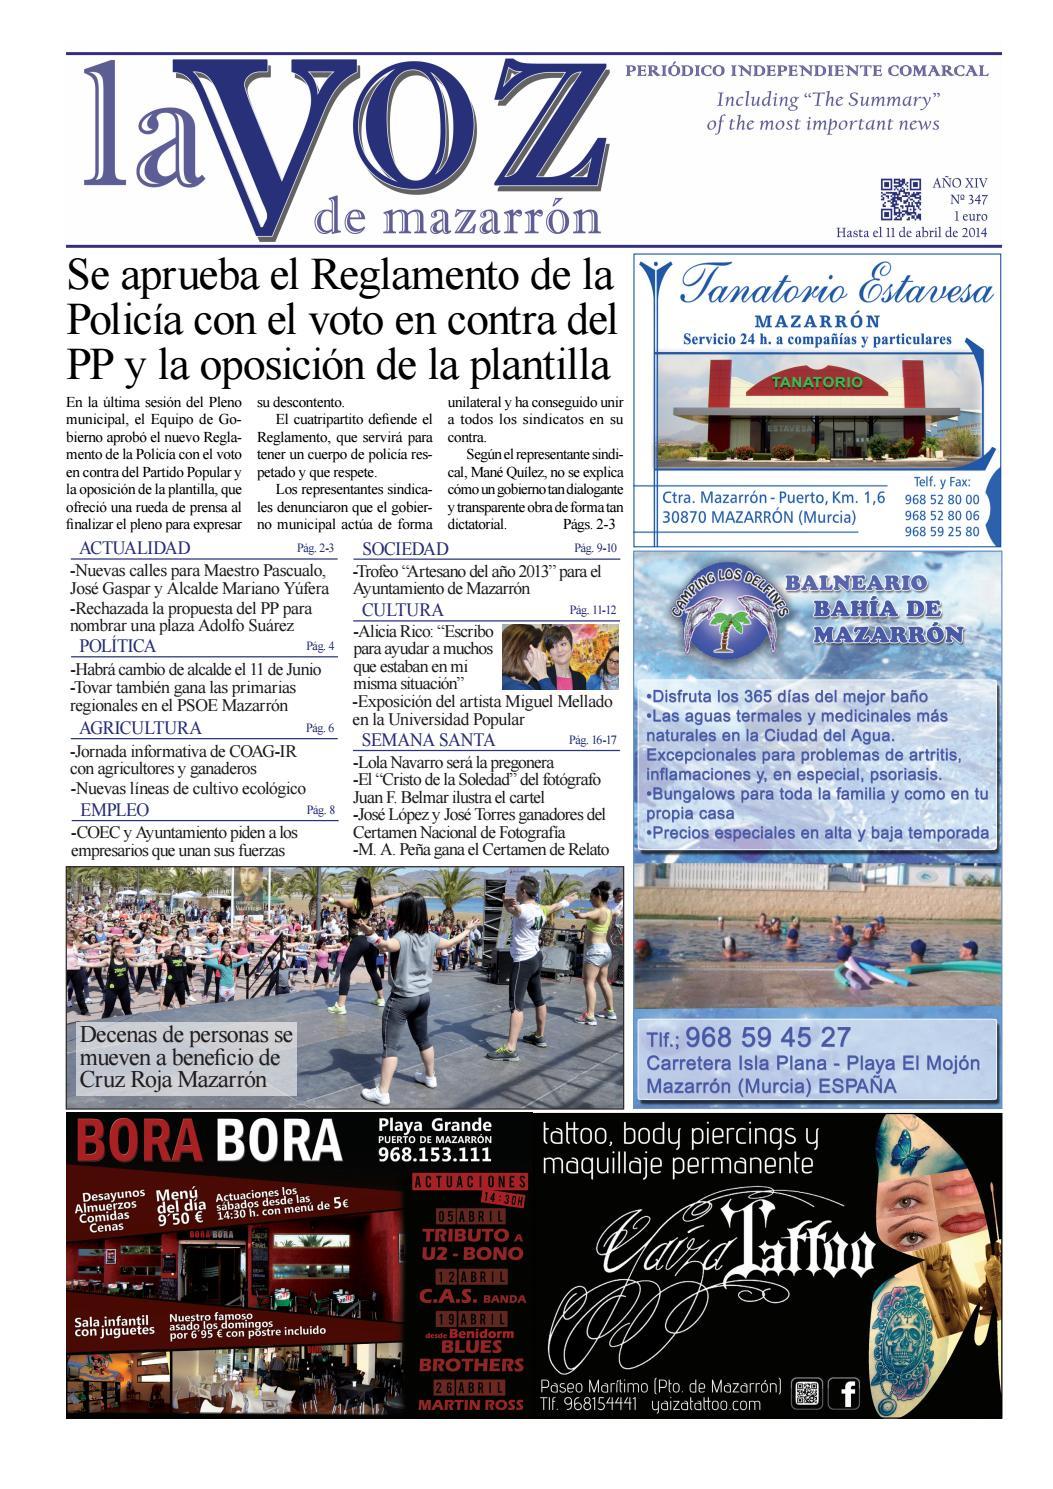 Voz347 by La Voz de Mazarrón (Periódico) - issuu